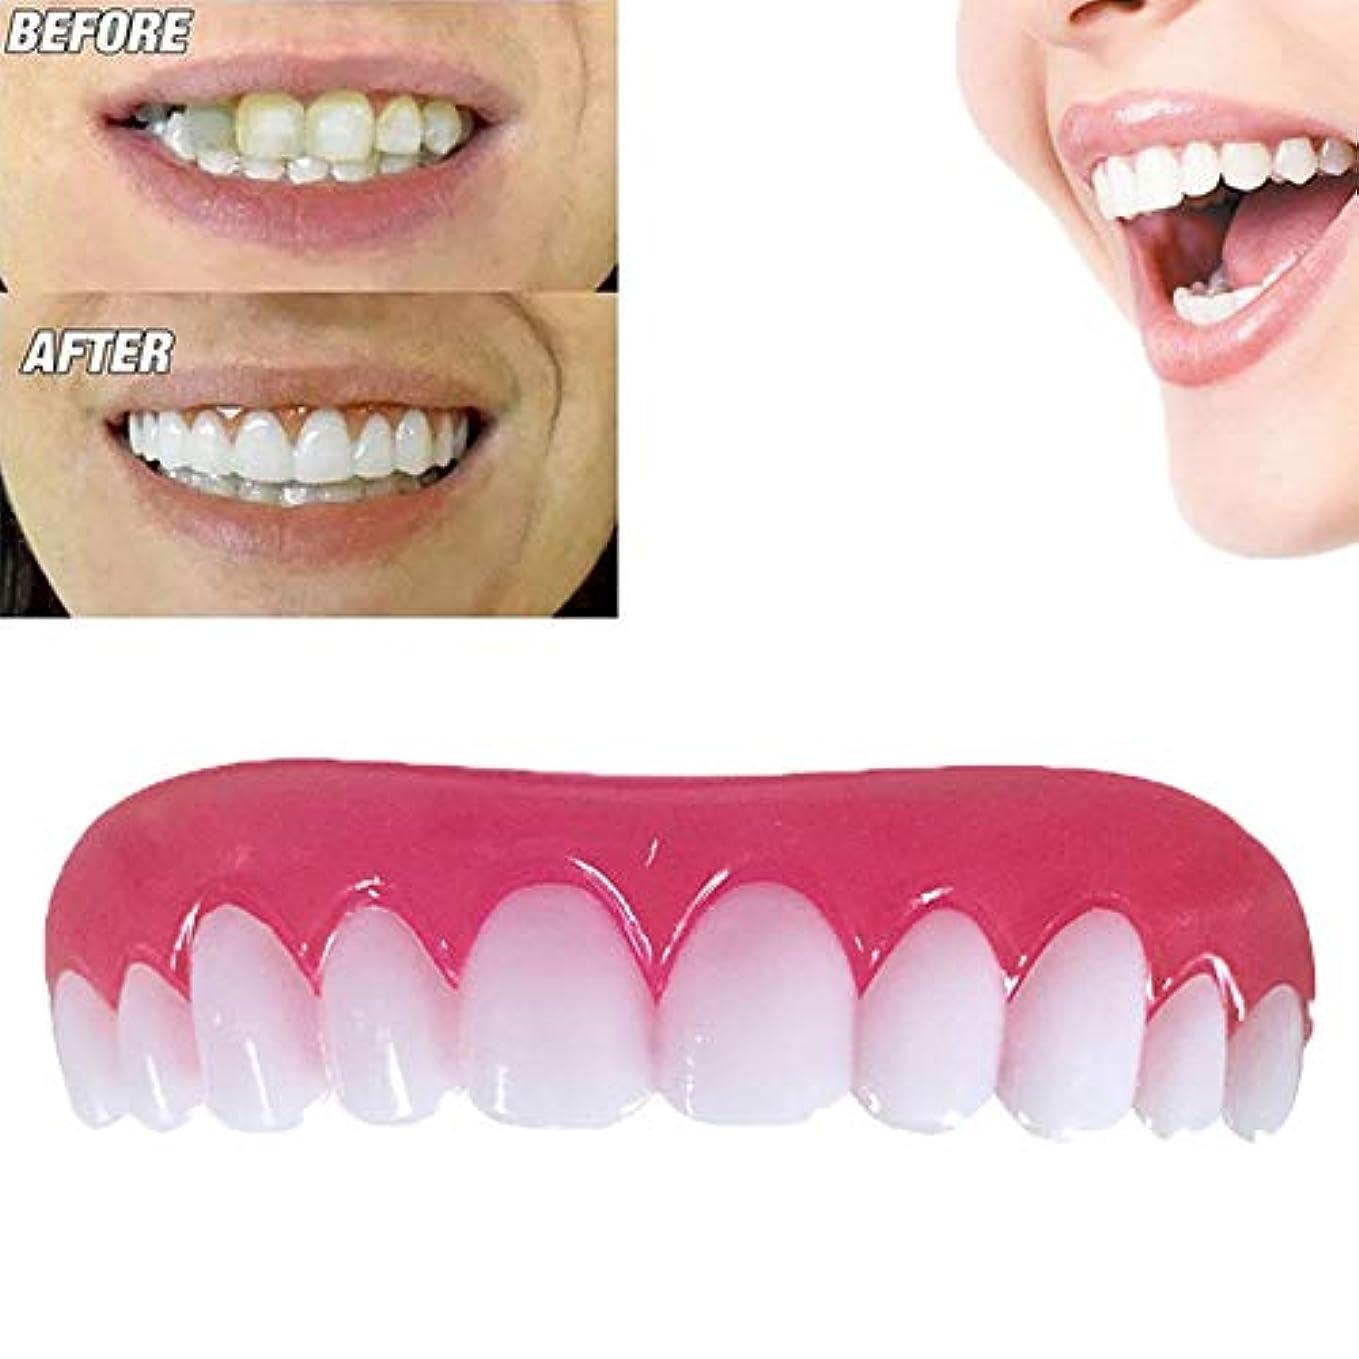 猛烈な不従順ペック義歯化粧品歯、4個美容歯科ボタンアメージングスマイル快適な柔らかい歯科突き板歯科化粧品ステッカー